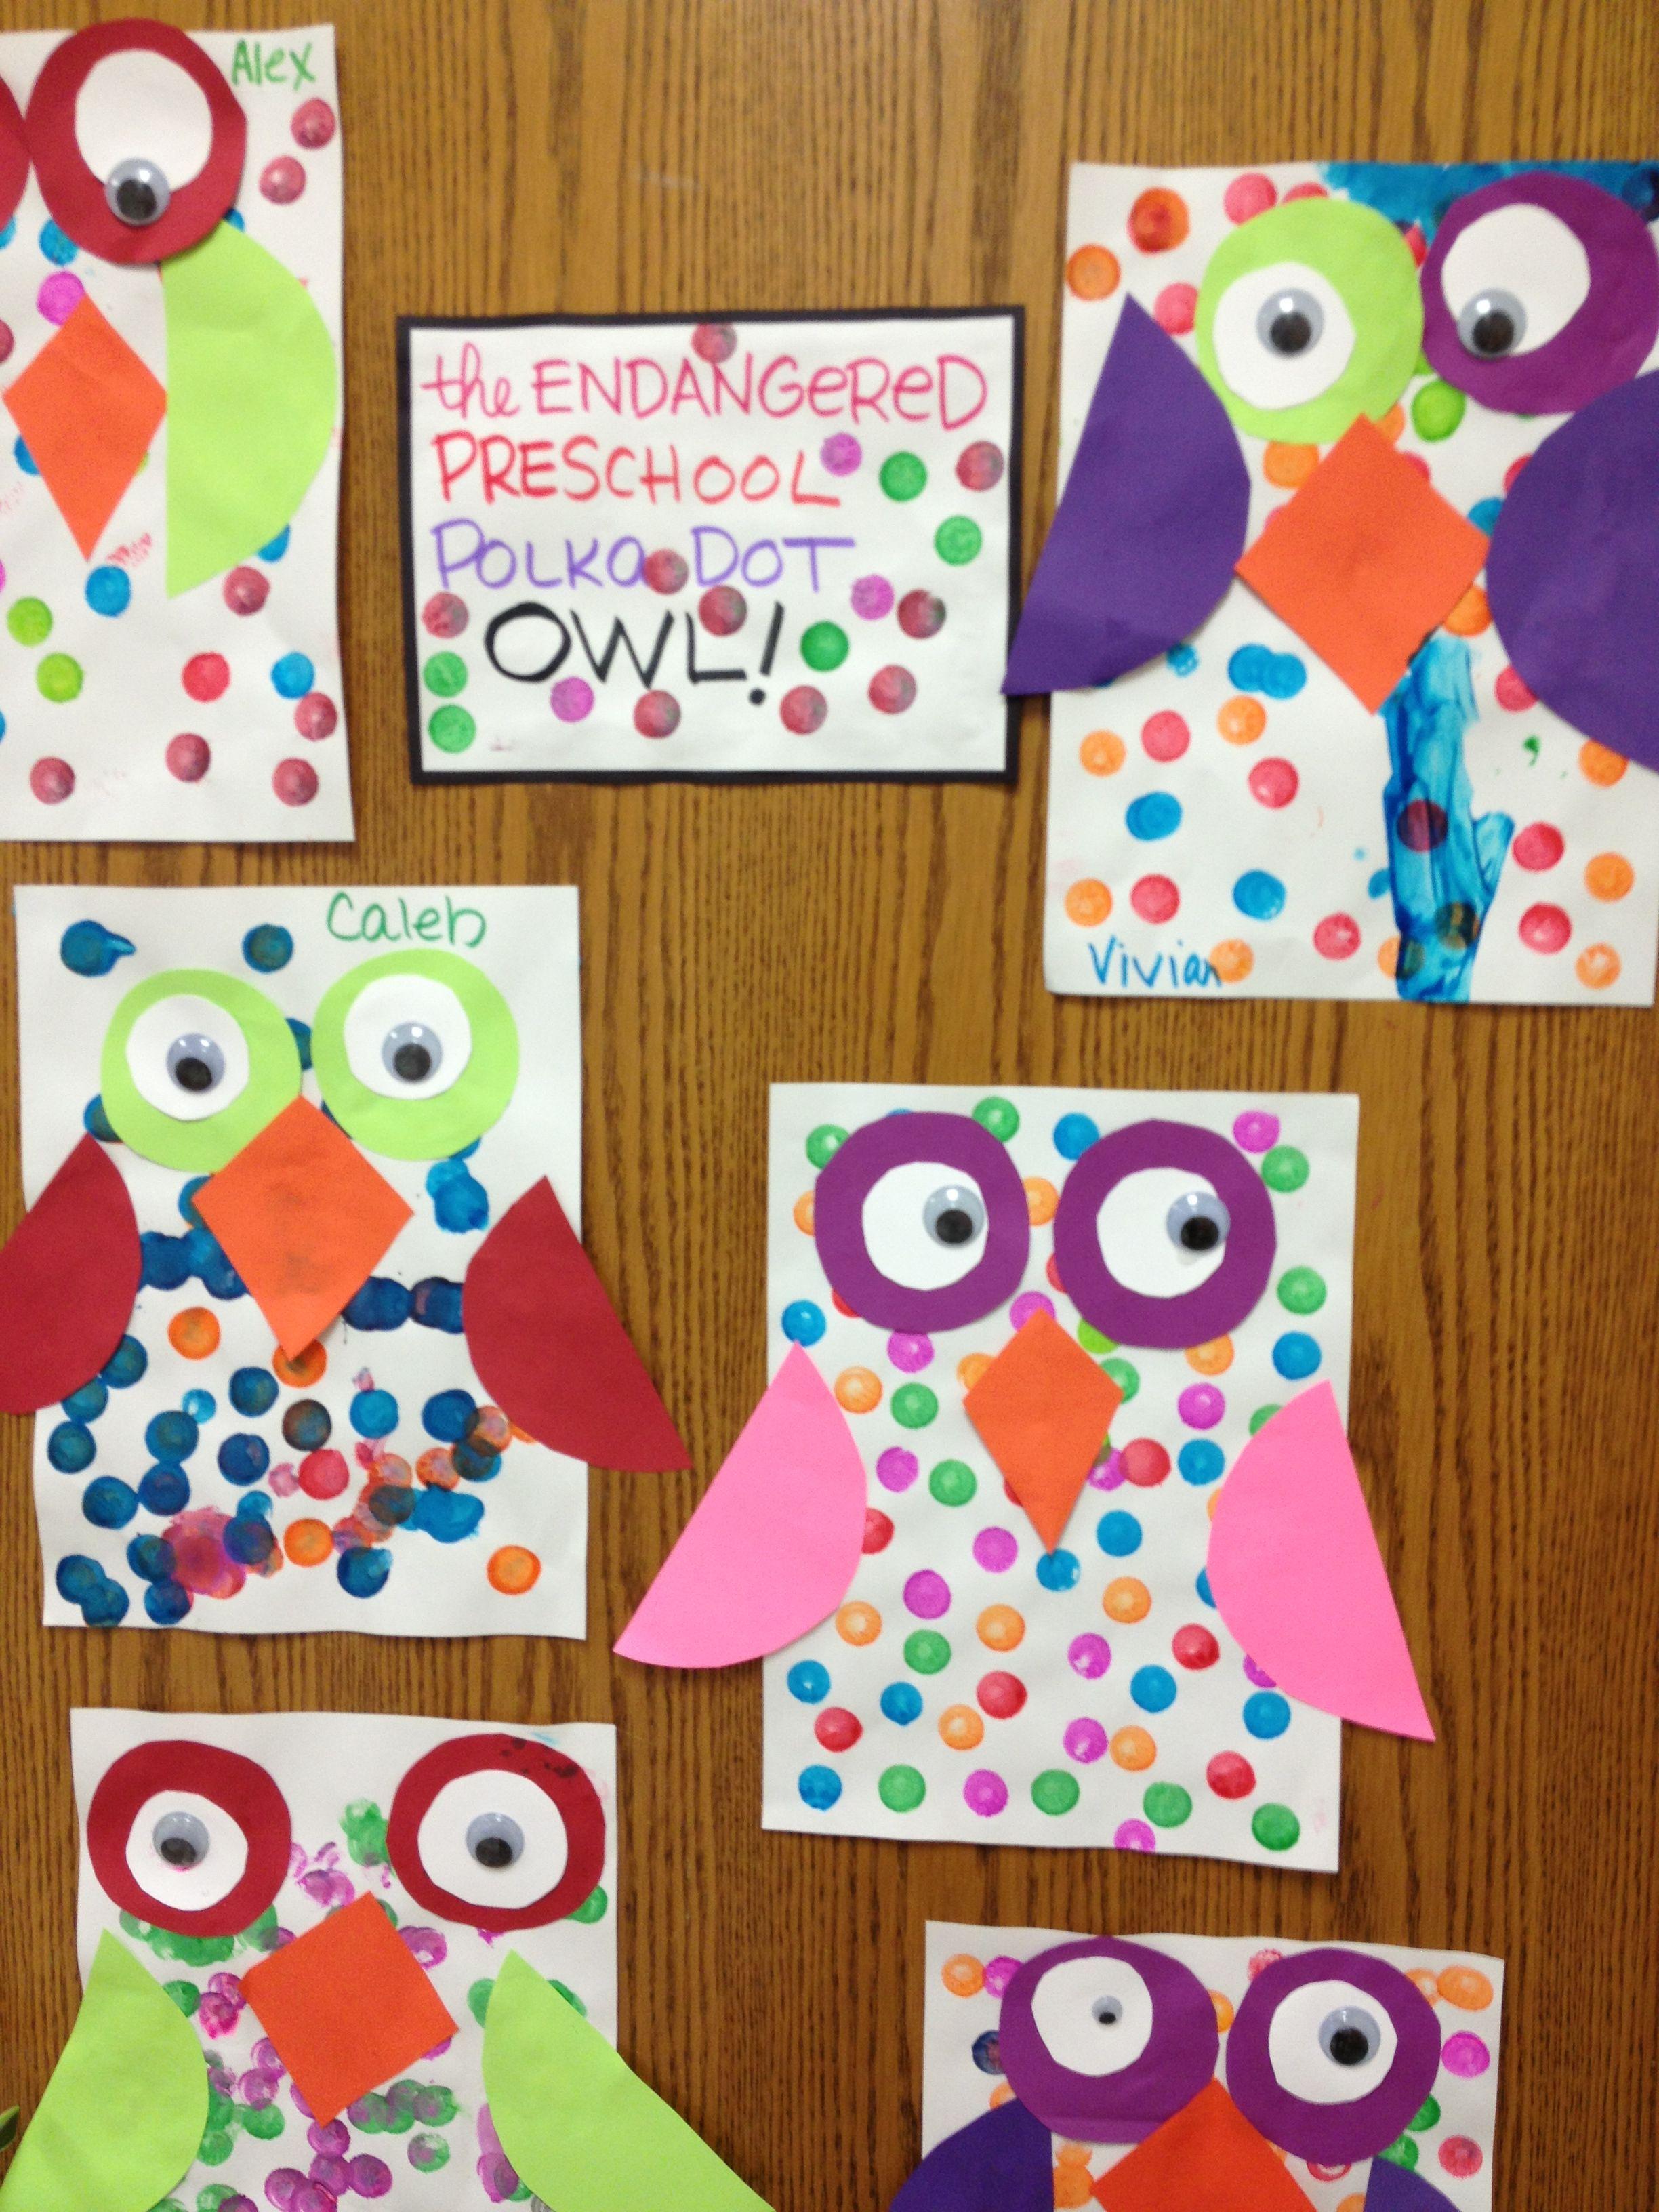 Polka Dot Owls No Link Do You Know The Original Link